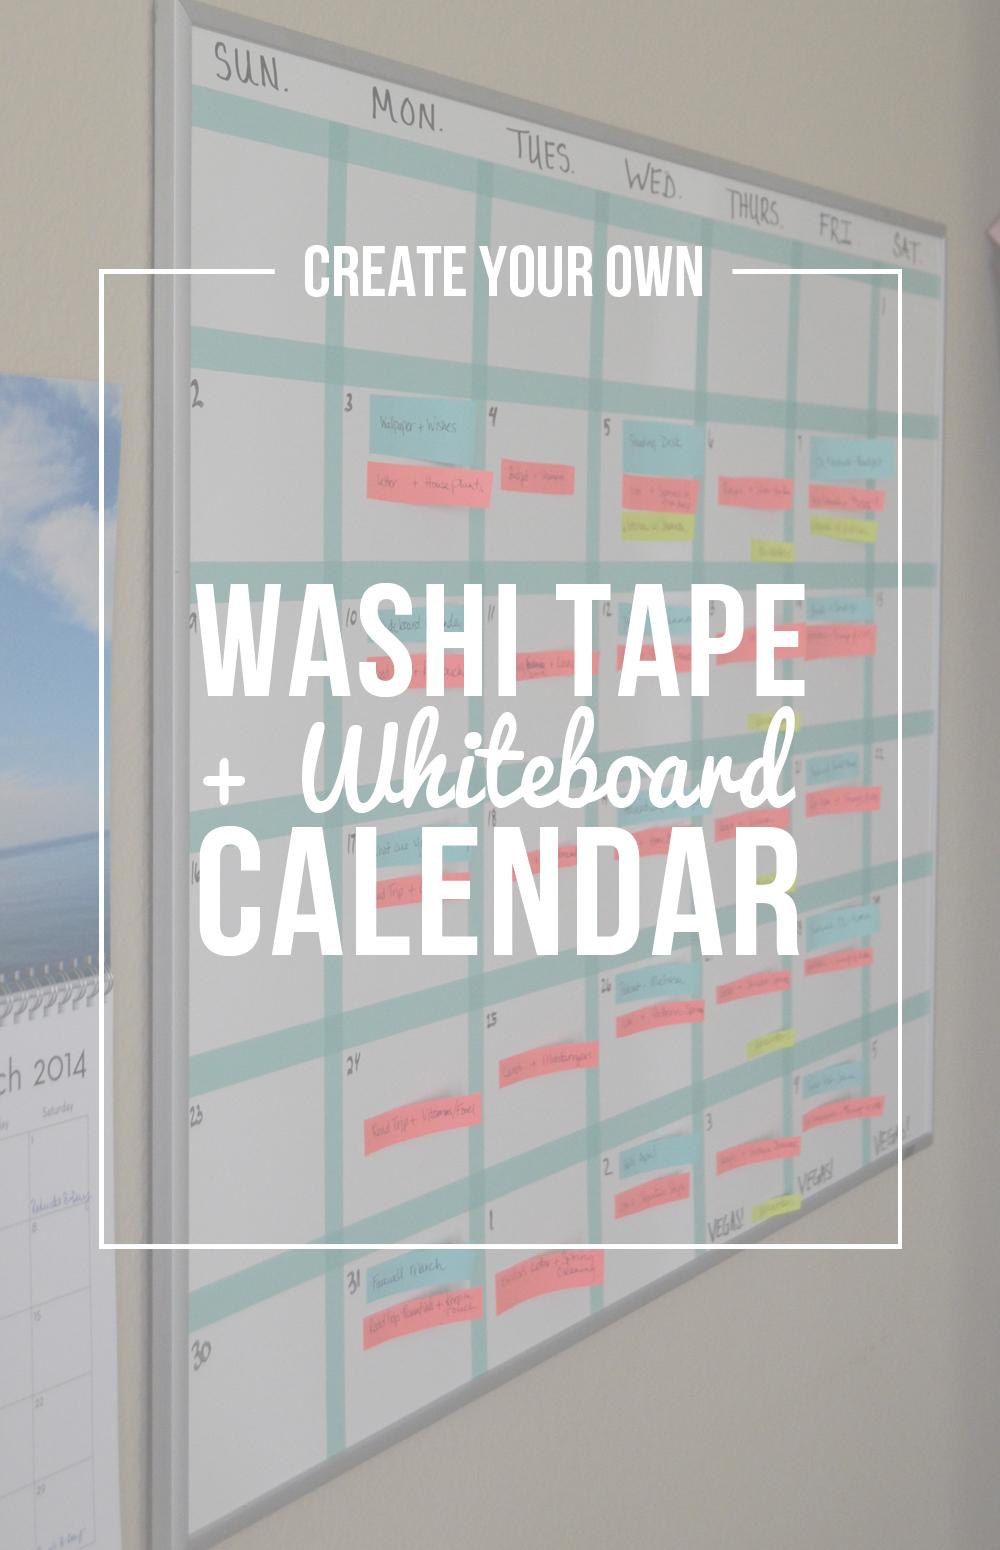 Whiteboard Calendar Diy : Create your own washi tape whiteboard calendar